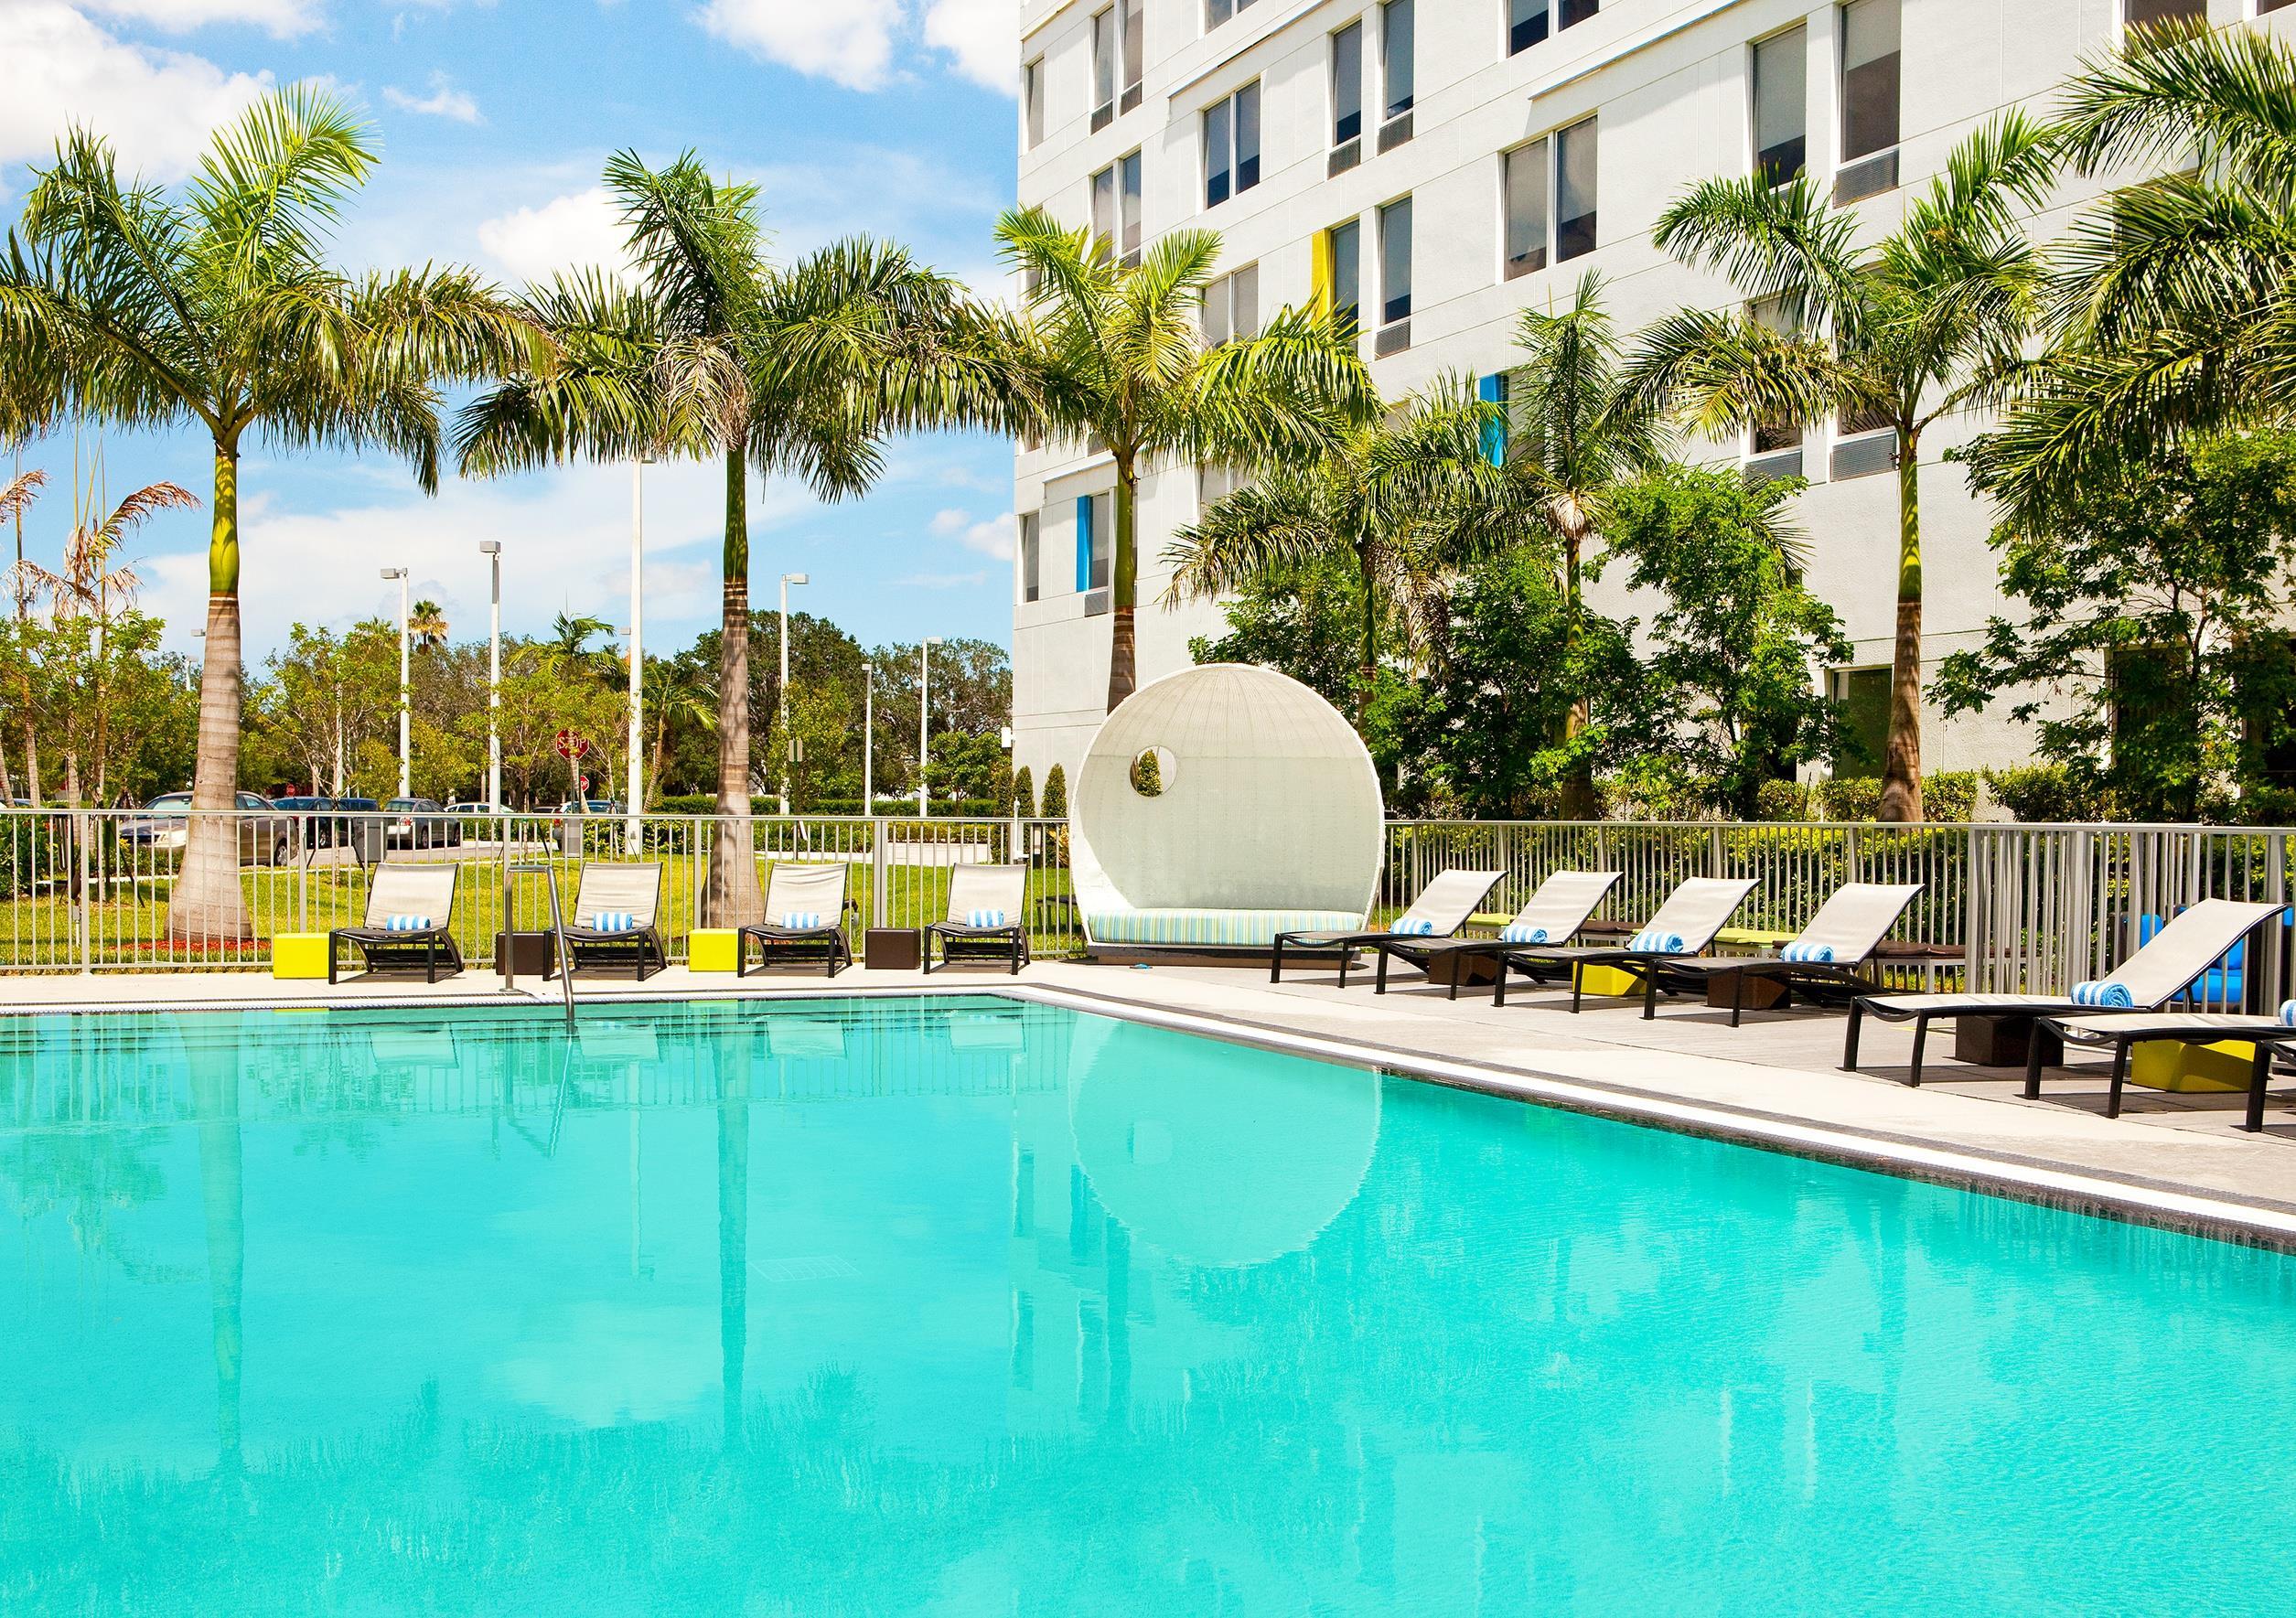 Motels Near Dolphin Mall